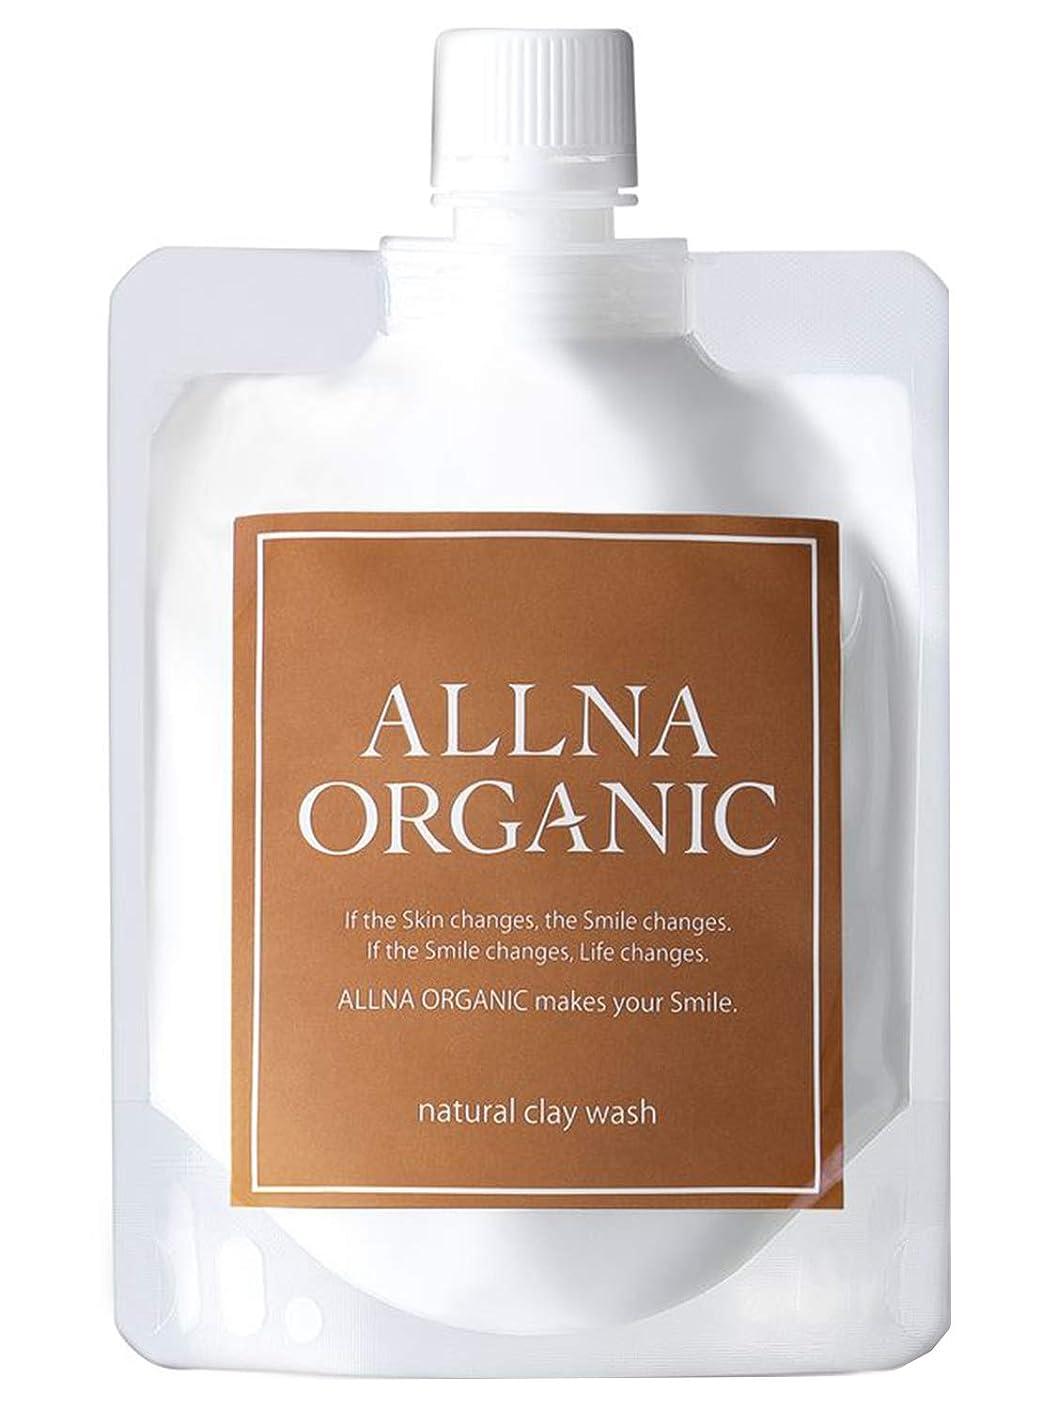 落ち着くレディアリオルナ オーガニック 泥 洗顔 「 毛穴 開き 黒ずみ 用」「 泡 ネット 付き」「 コラーゲン 3種類 + ヒアルロン酸 4種類 + ビタミンC 4種類 + セラミド 配合」 130g